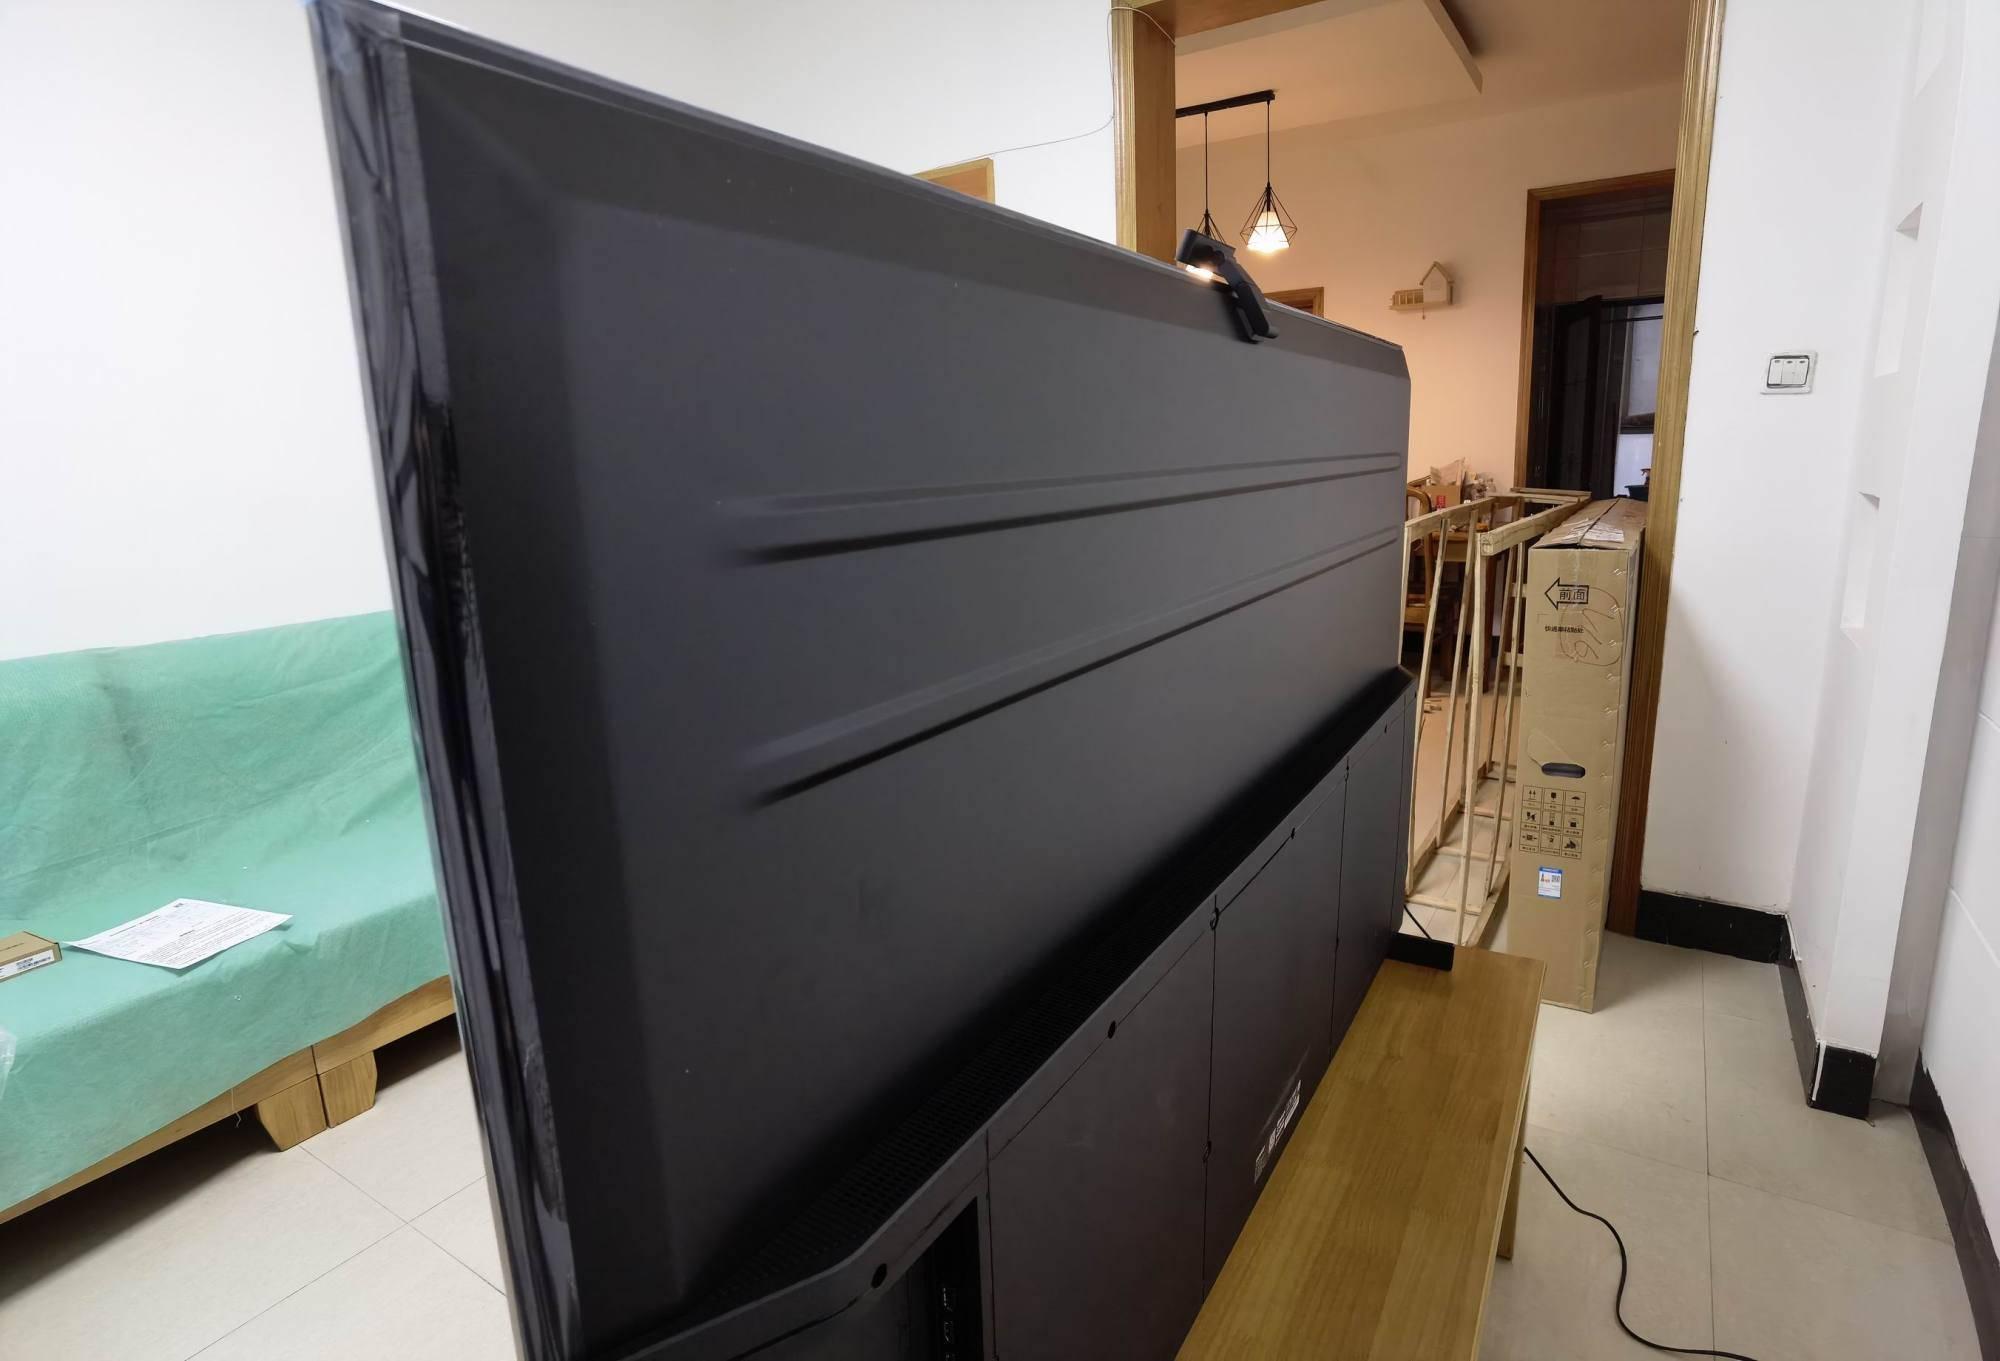 华为智慧屏S Pro 65简评 能干活、能看家、能看娃的家庭智能中心